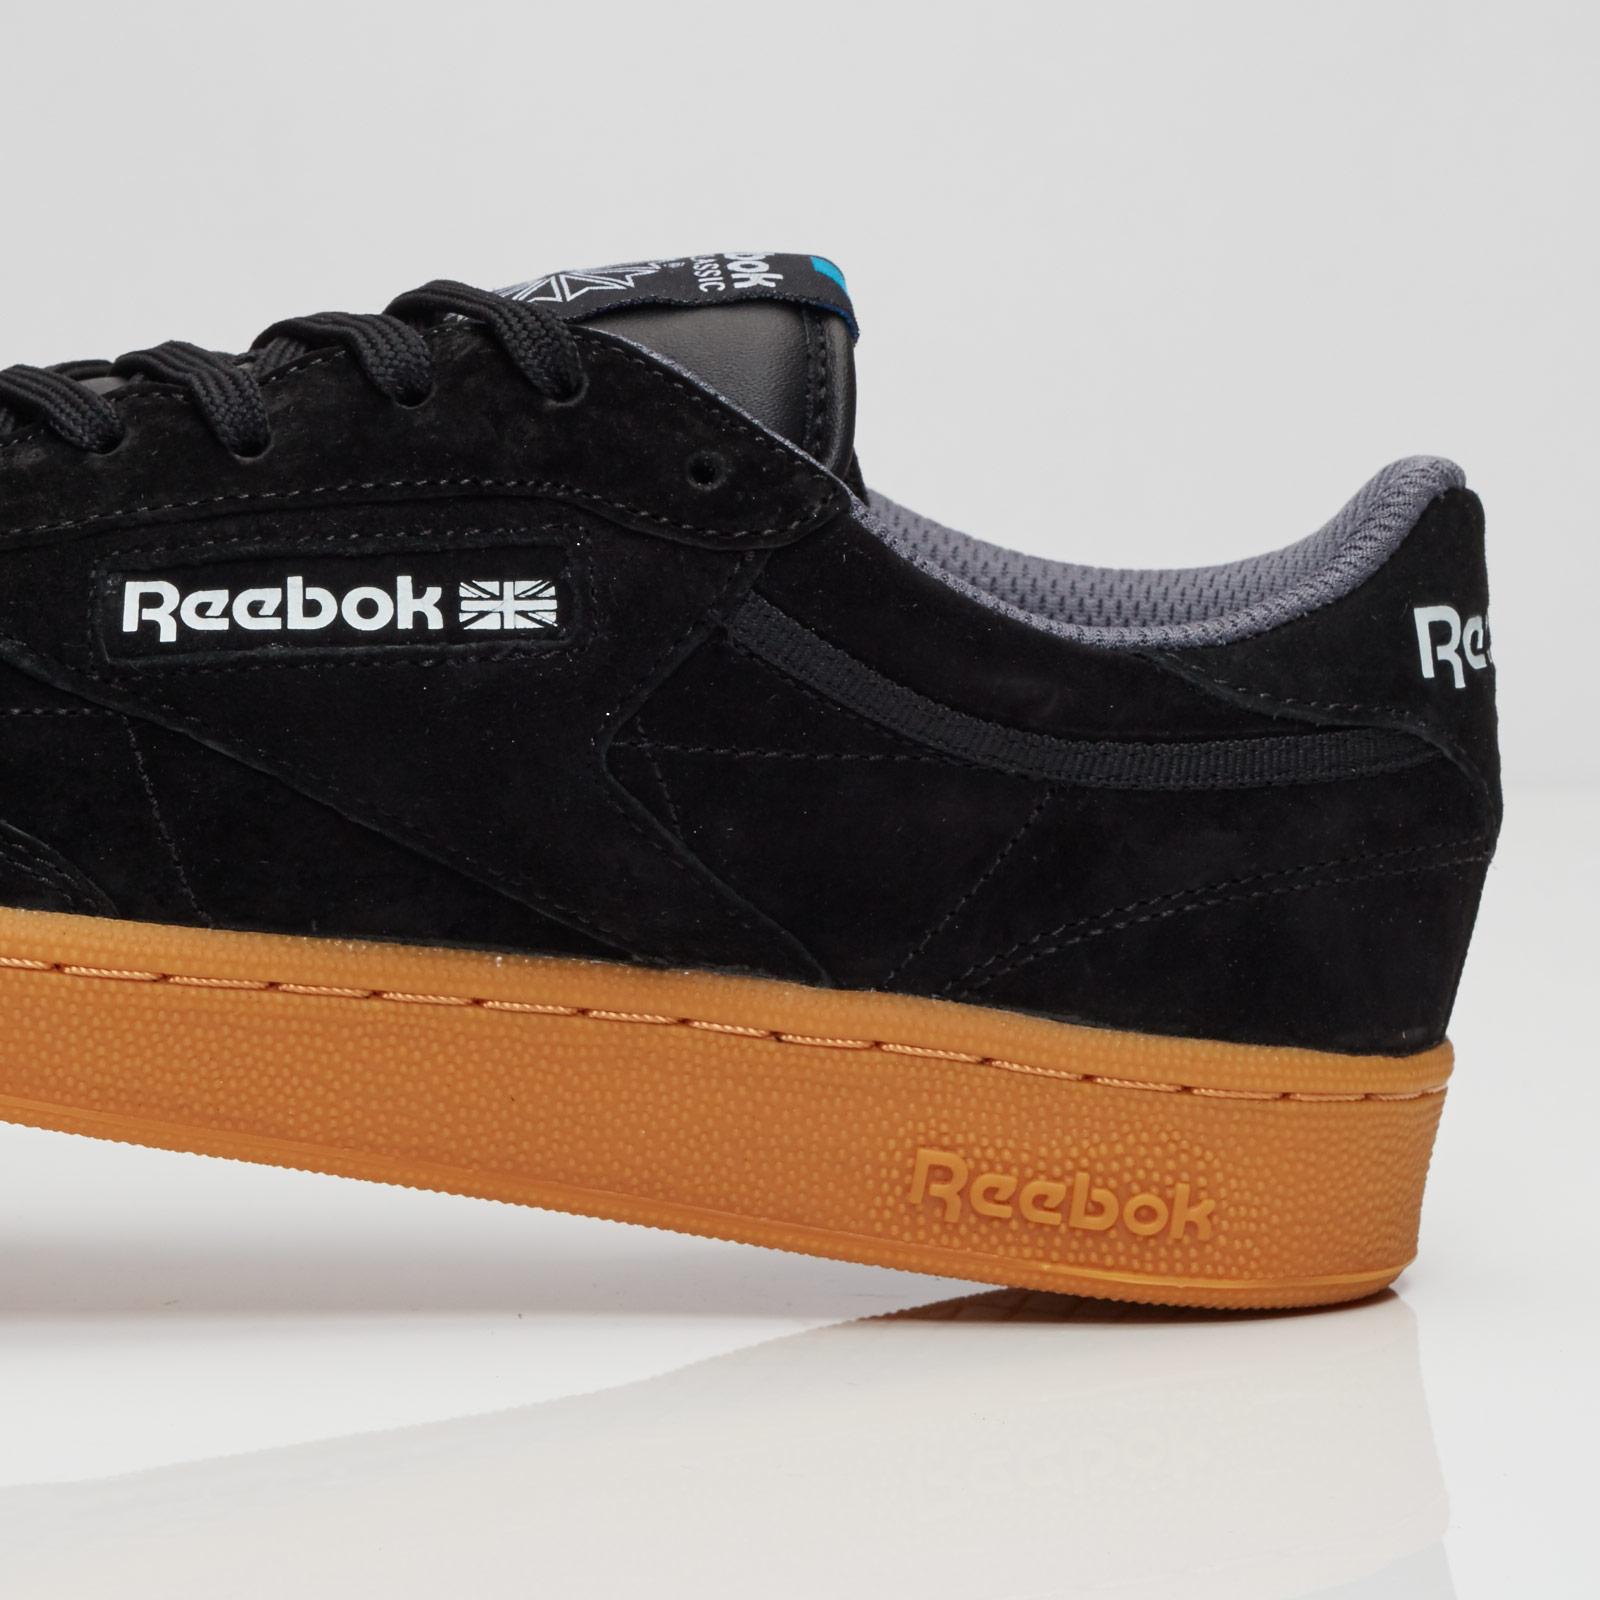 d2c1a0cba62b3a Reebok Club C 85 Indoor - Aq9872 - Sneakersnstuff